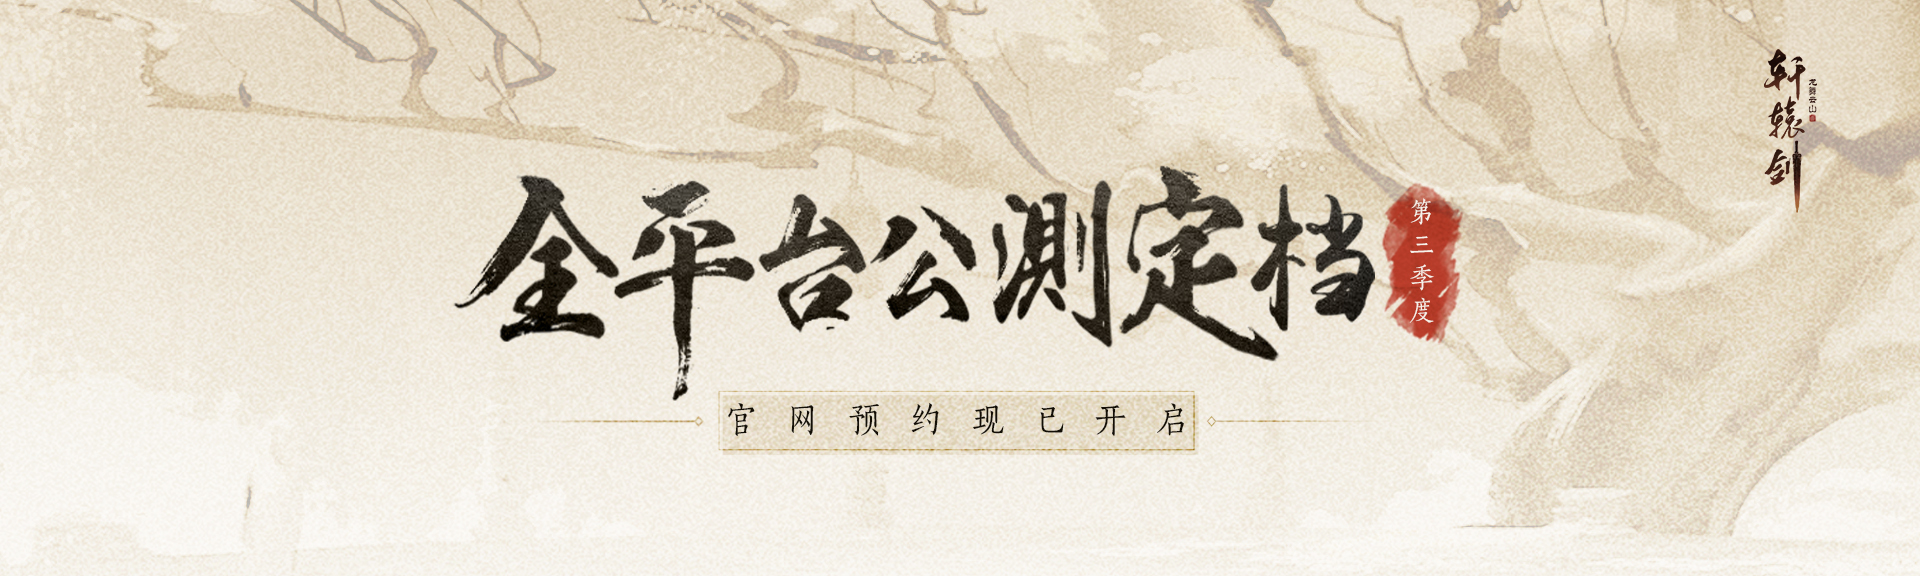 网易《轩辕剑龙舞云山》公测定档,2018第三季度共赴盛唐之约!